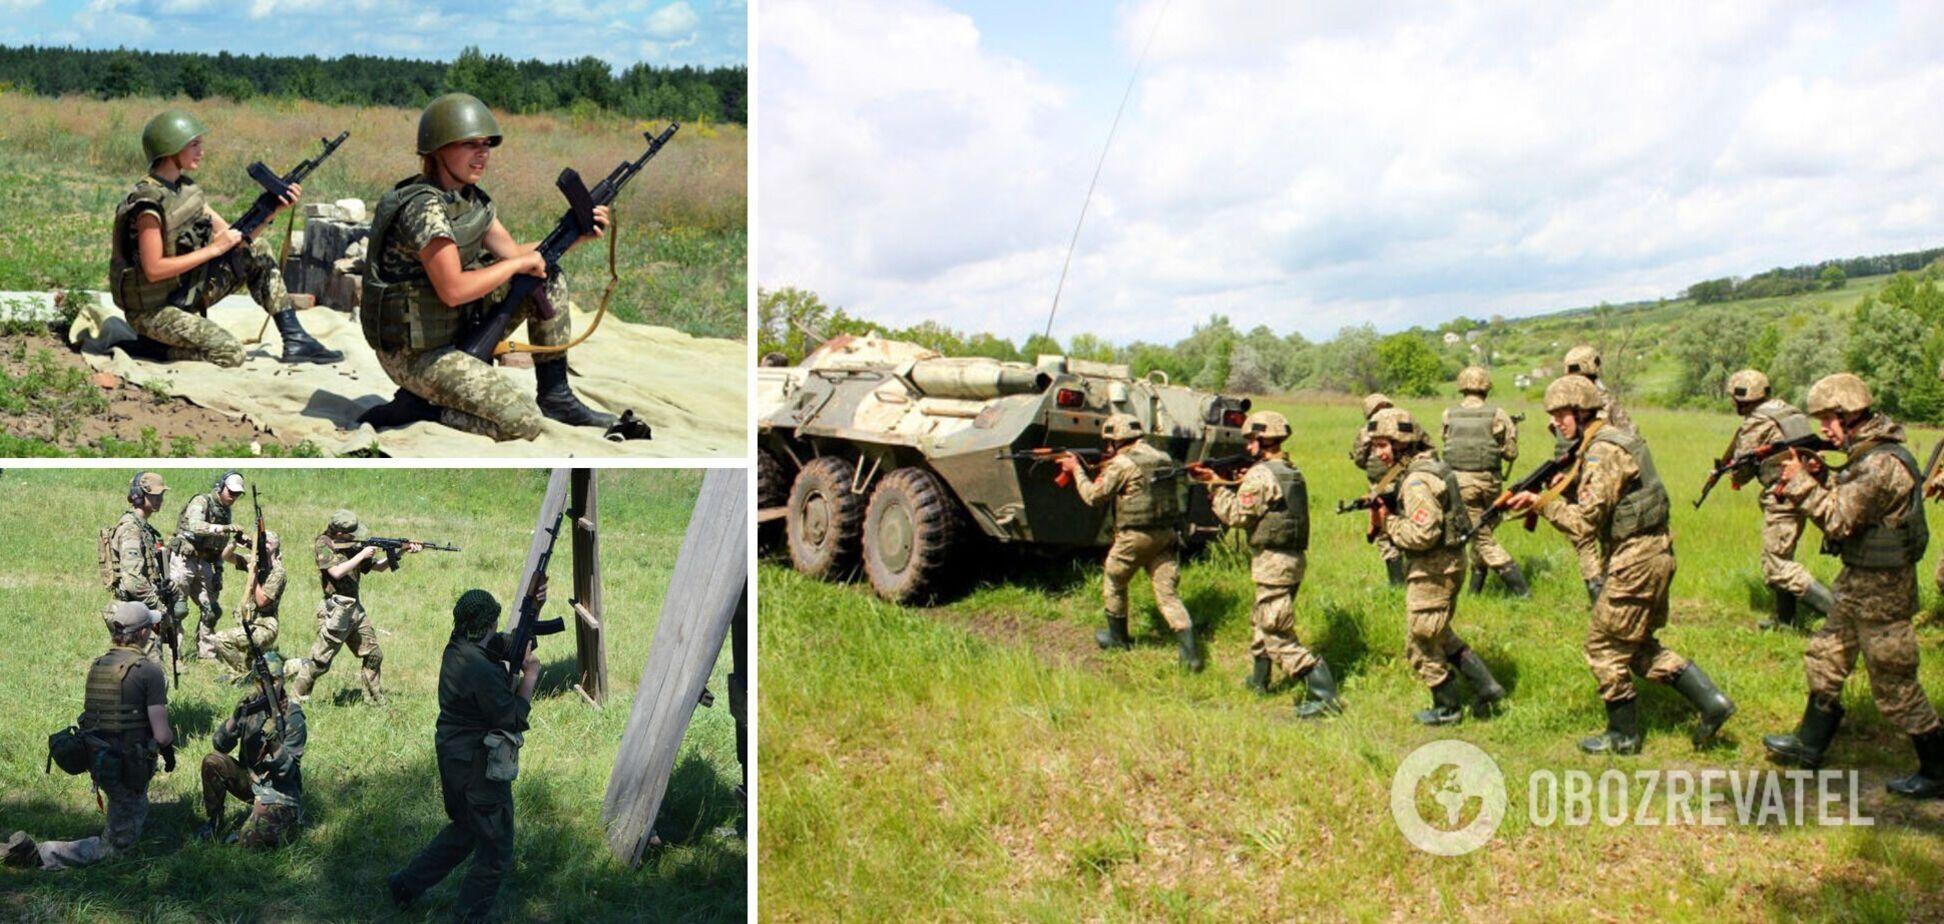 Нардепы сделали первый шаг к массовому обучению украинцев защите от агрессора